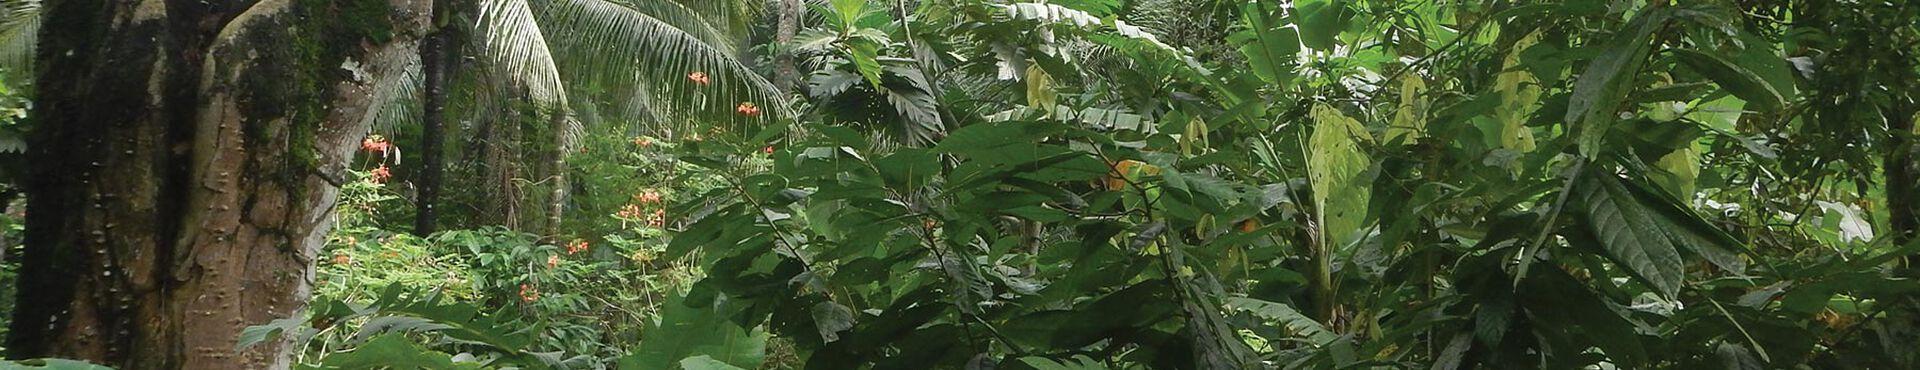 Banner - Maya Mountain Research Farm